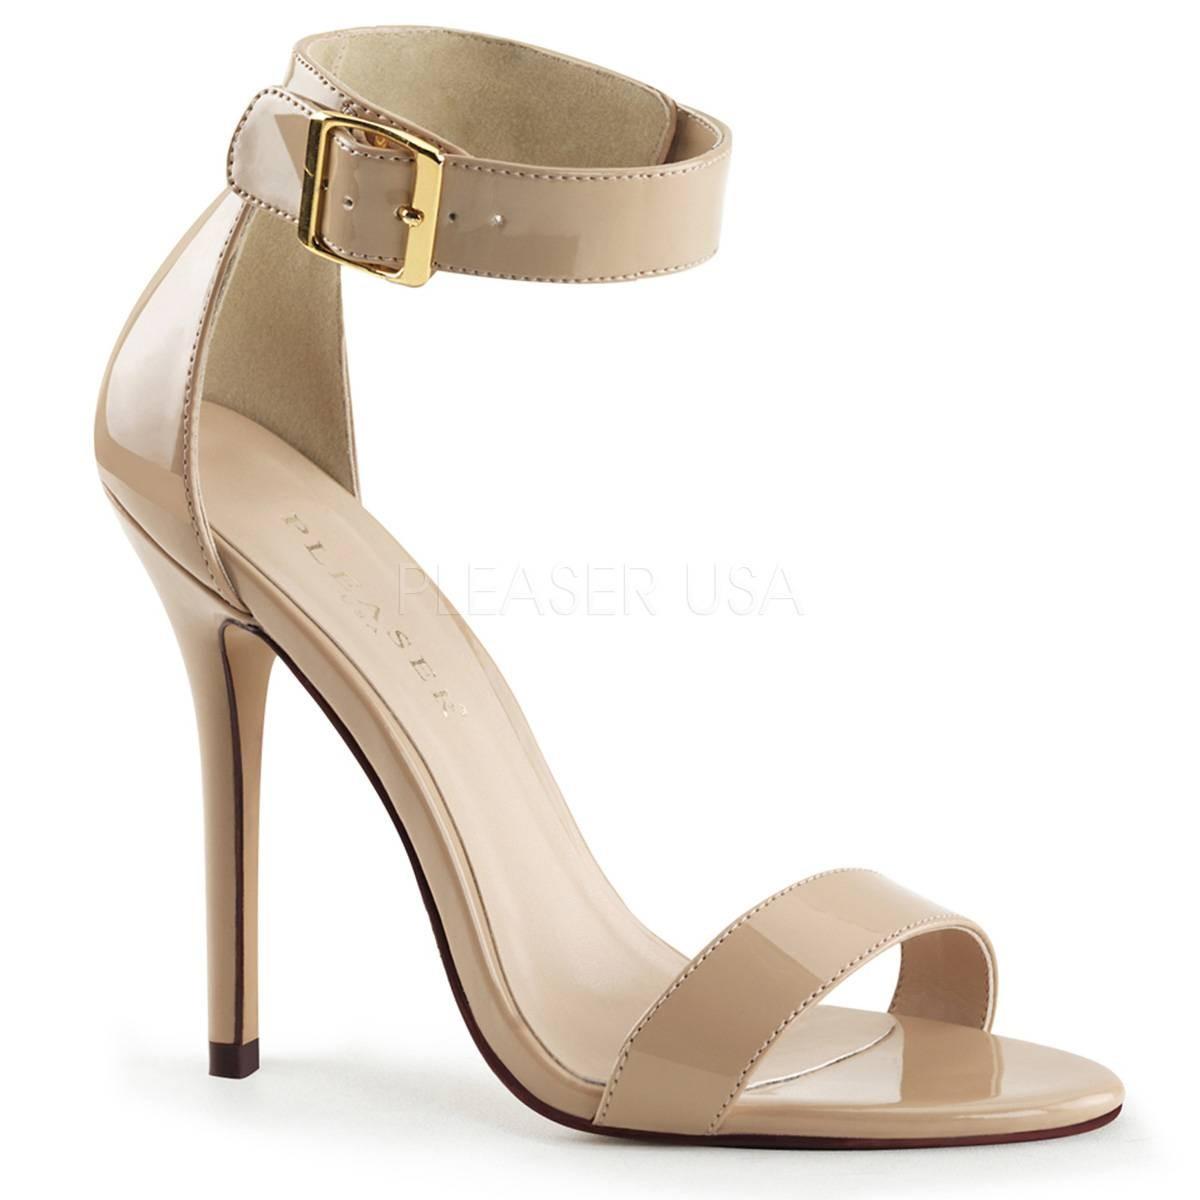 Sandalen - AMUSE 10 ° Damen Sandalette ° Beige Glänzend ° Pleaser  - Onlineshop RedSixty